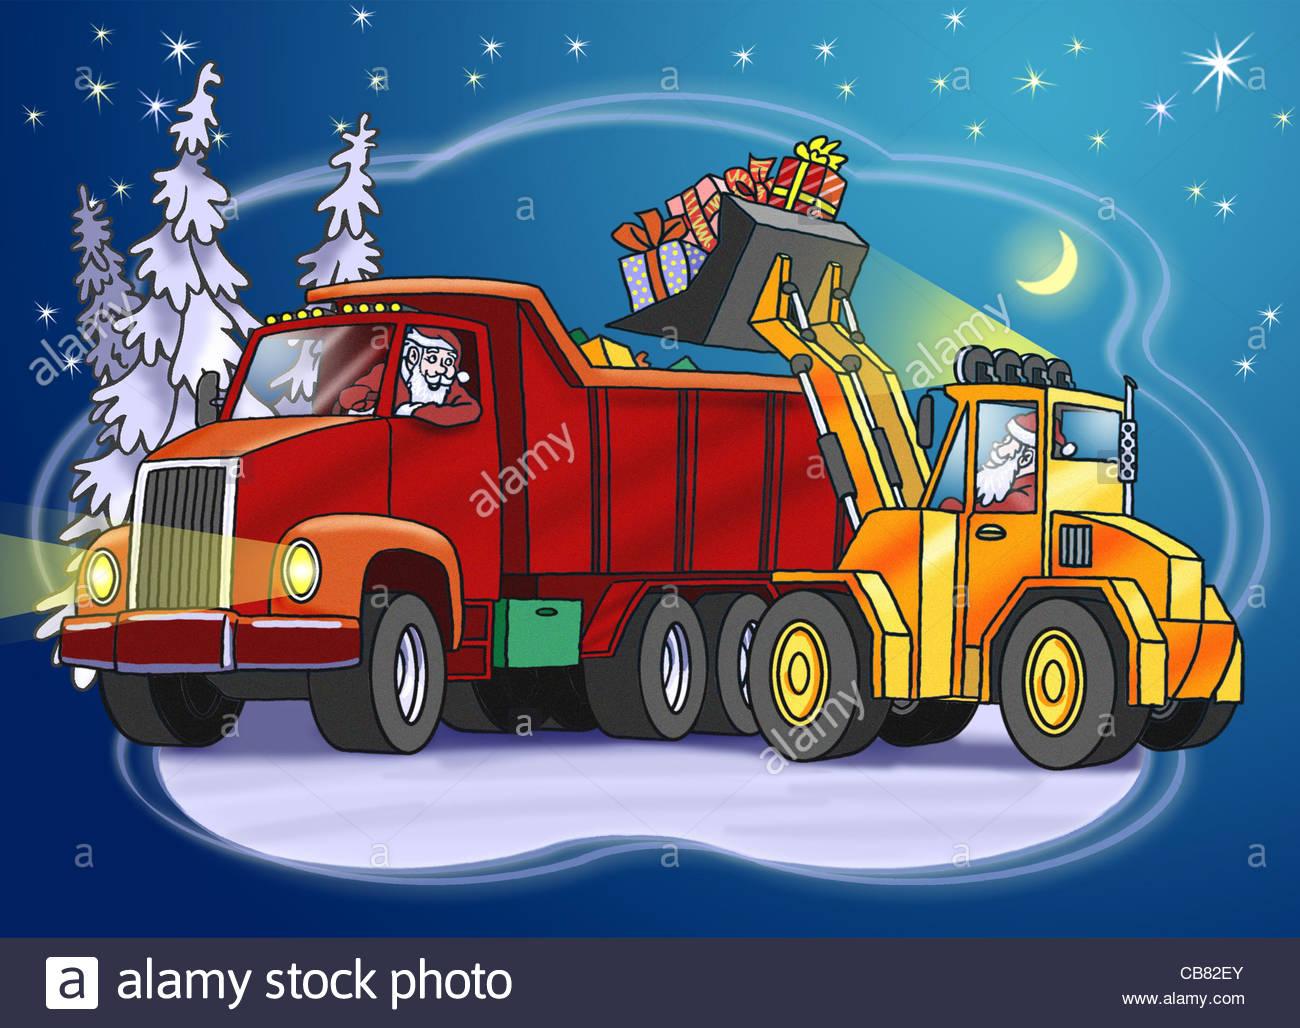 Santa Claus Christmas Truck Forklift Christmas Gifts Santa